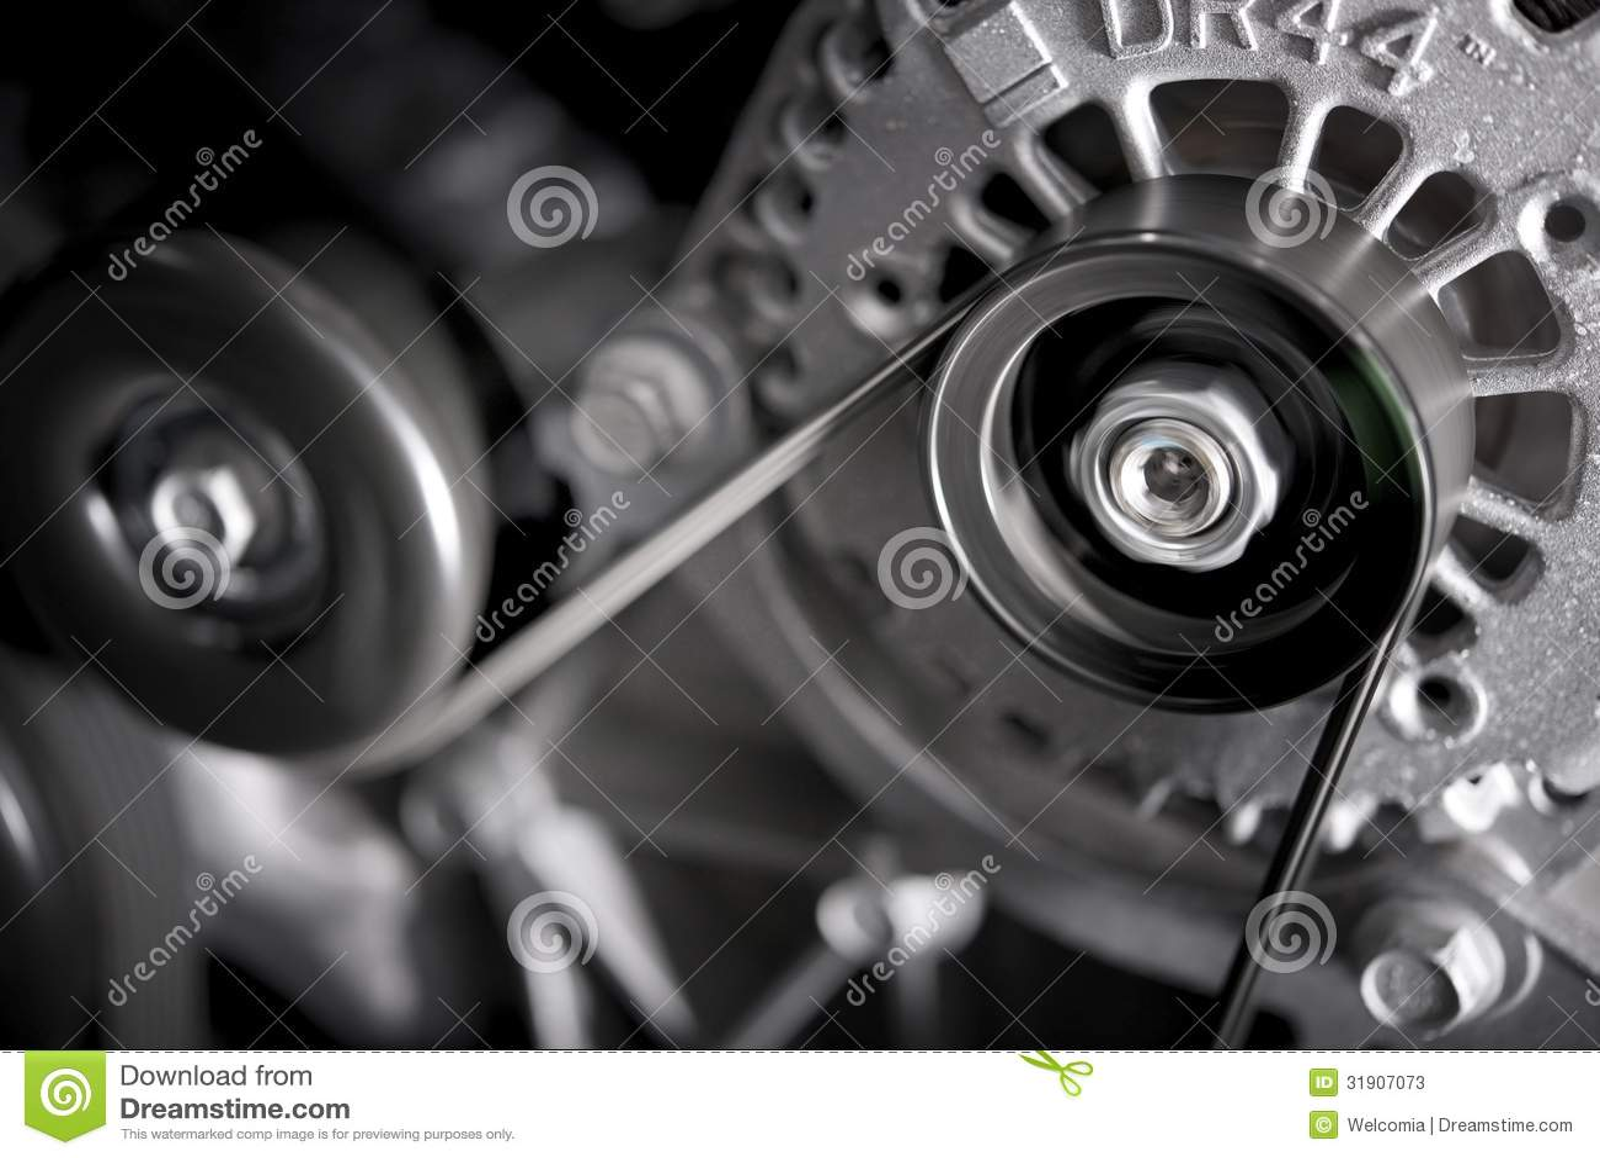 汽车交流发电机